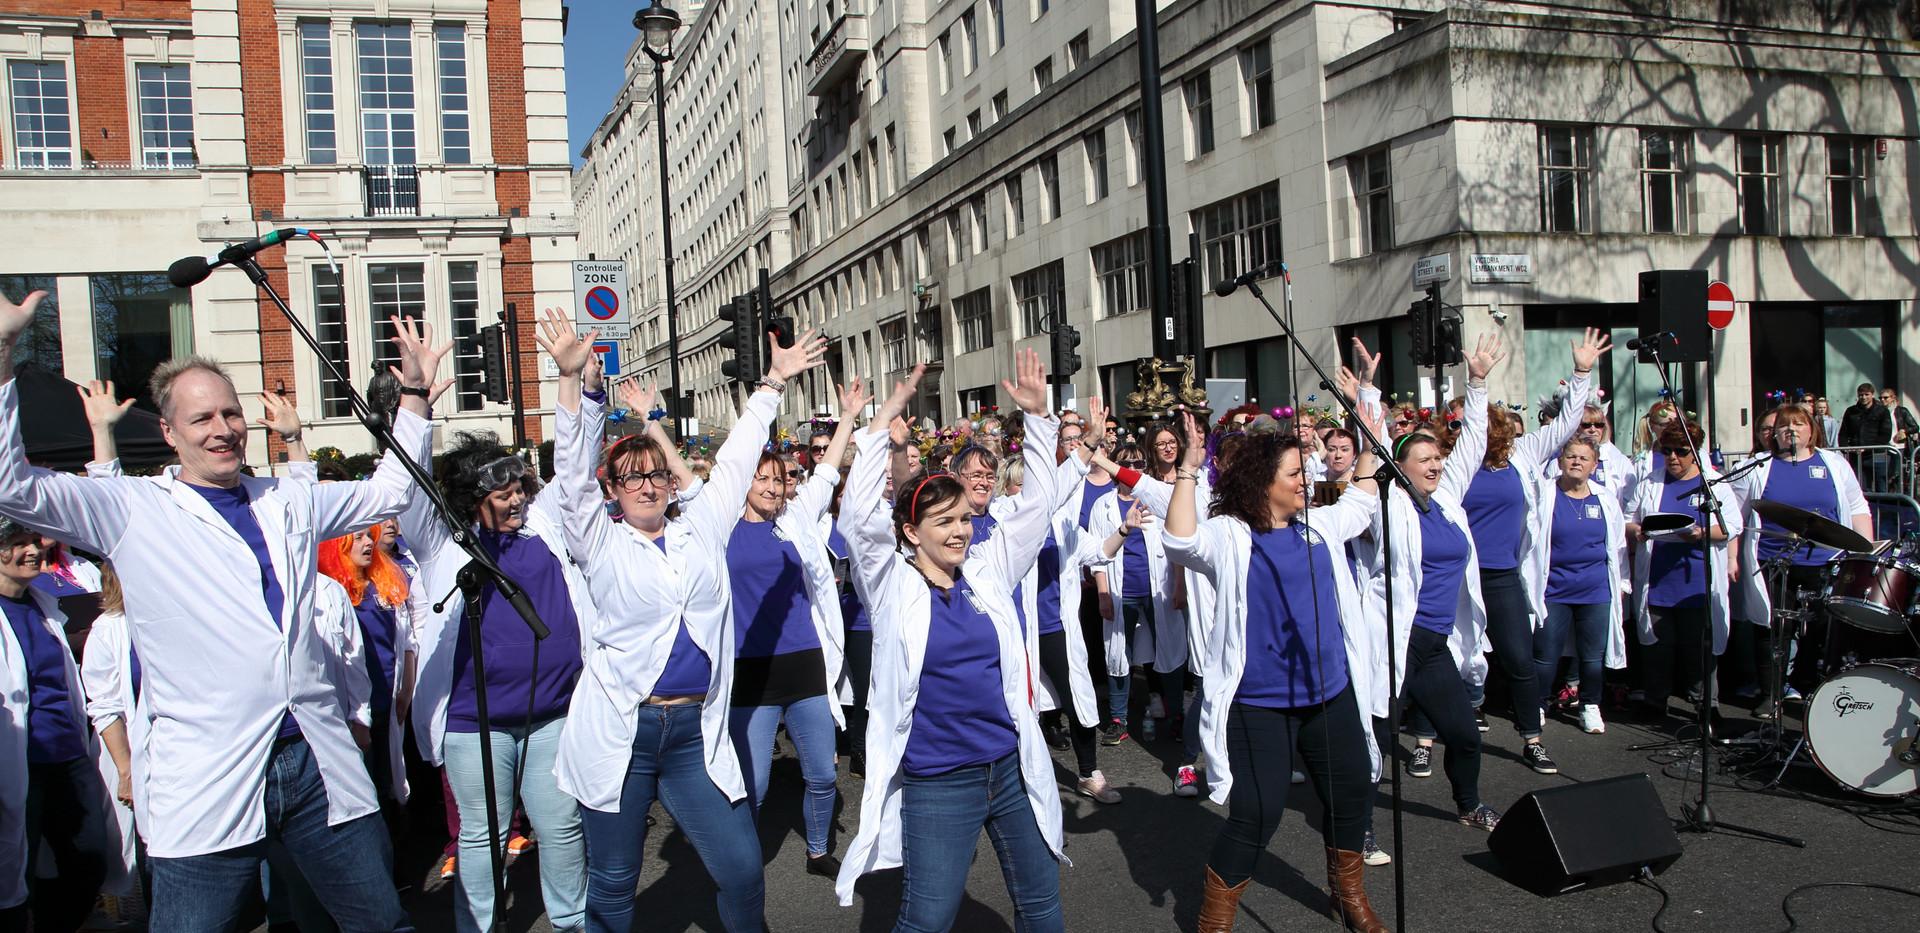 London Show Choir at London Landmarks Half Marathon 2019